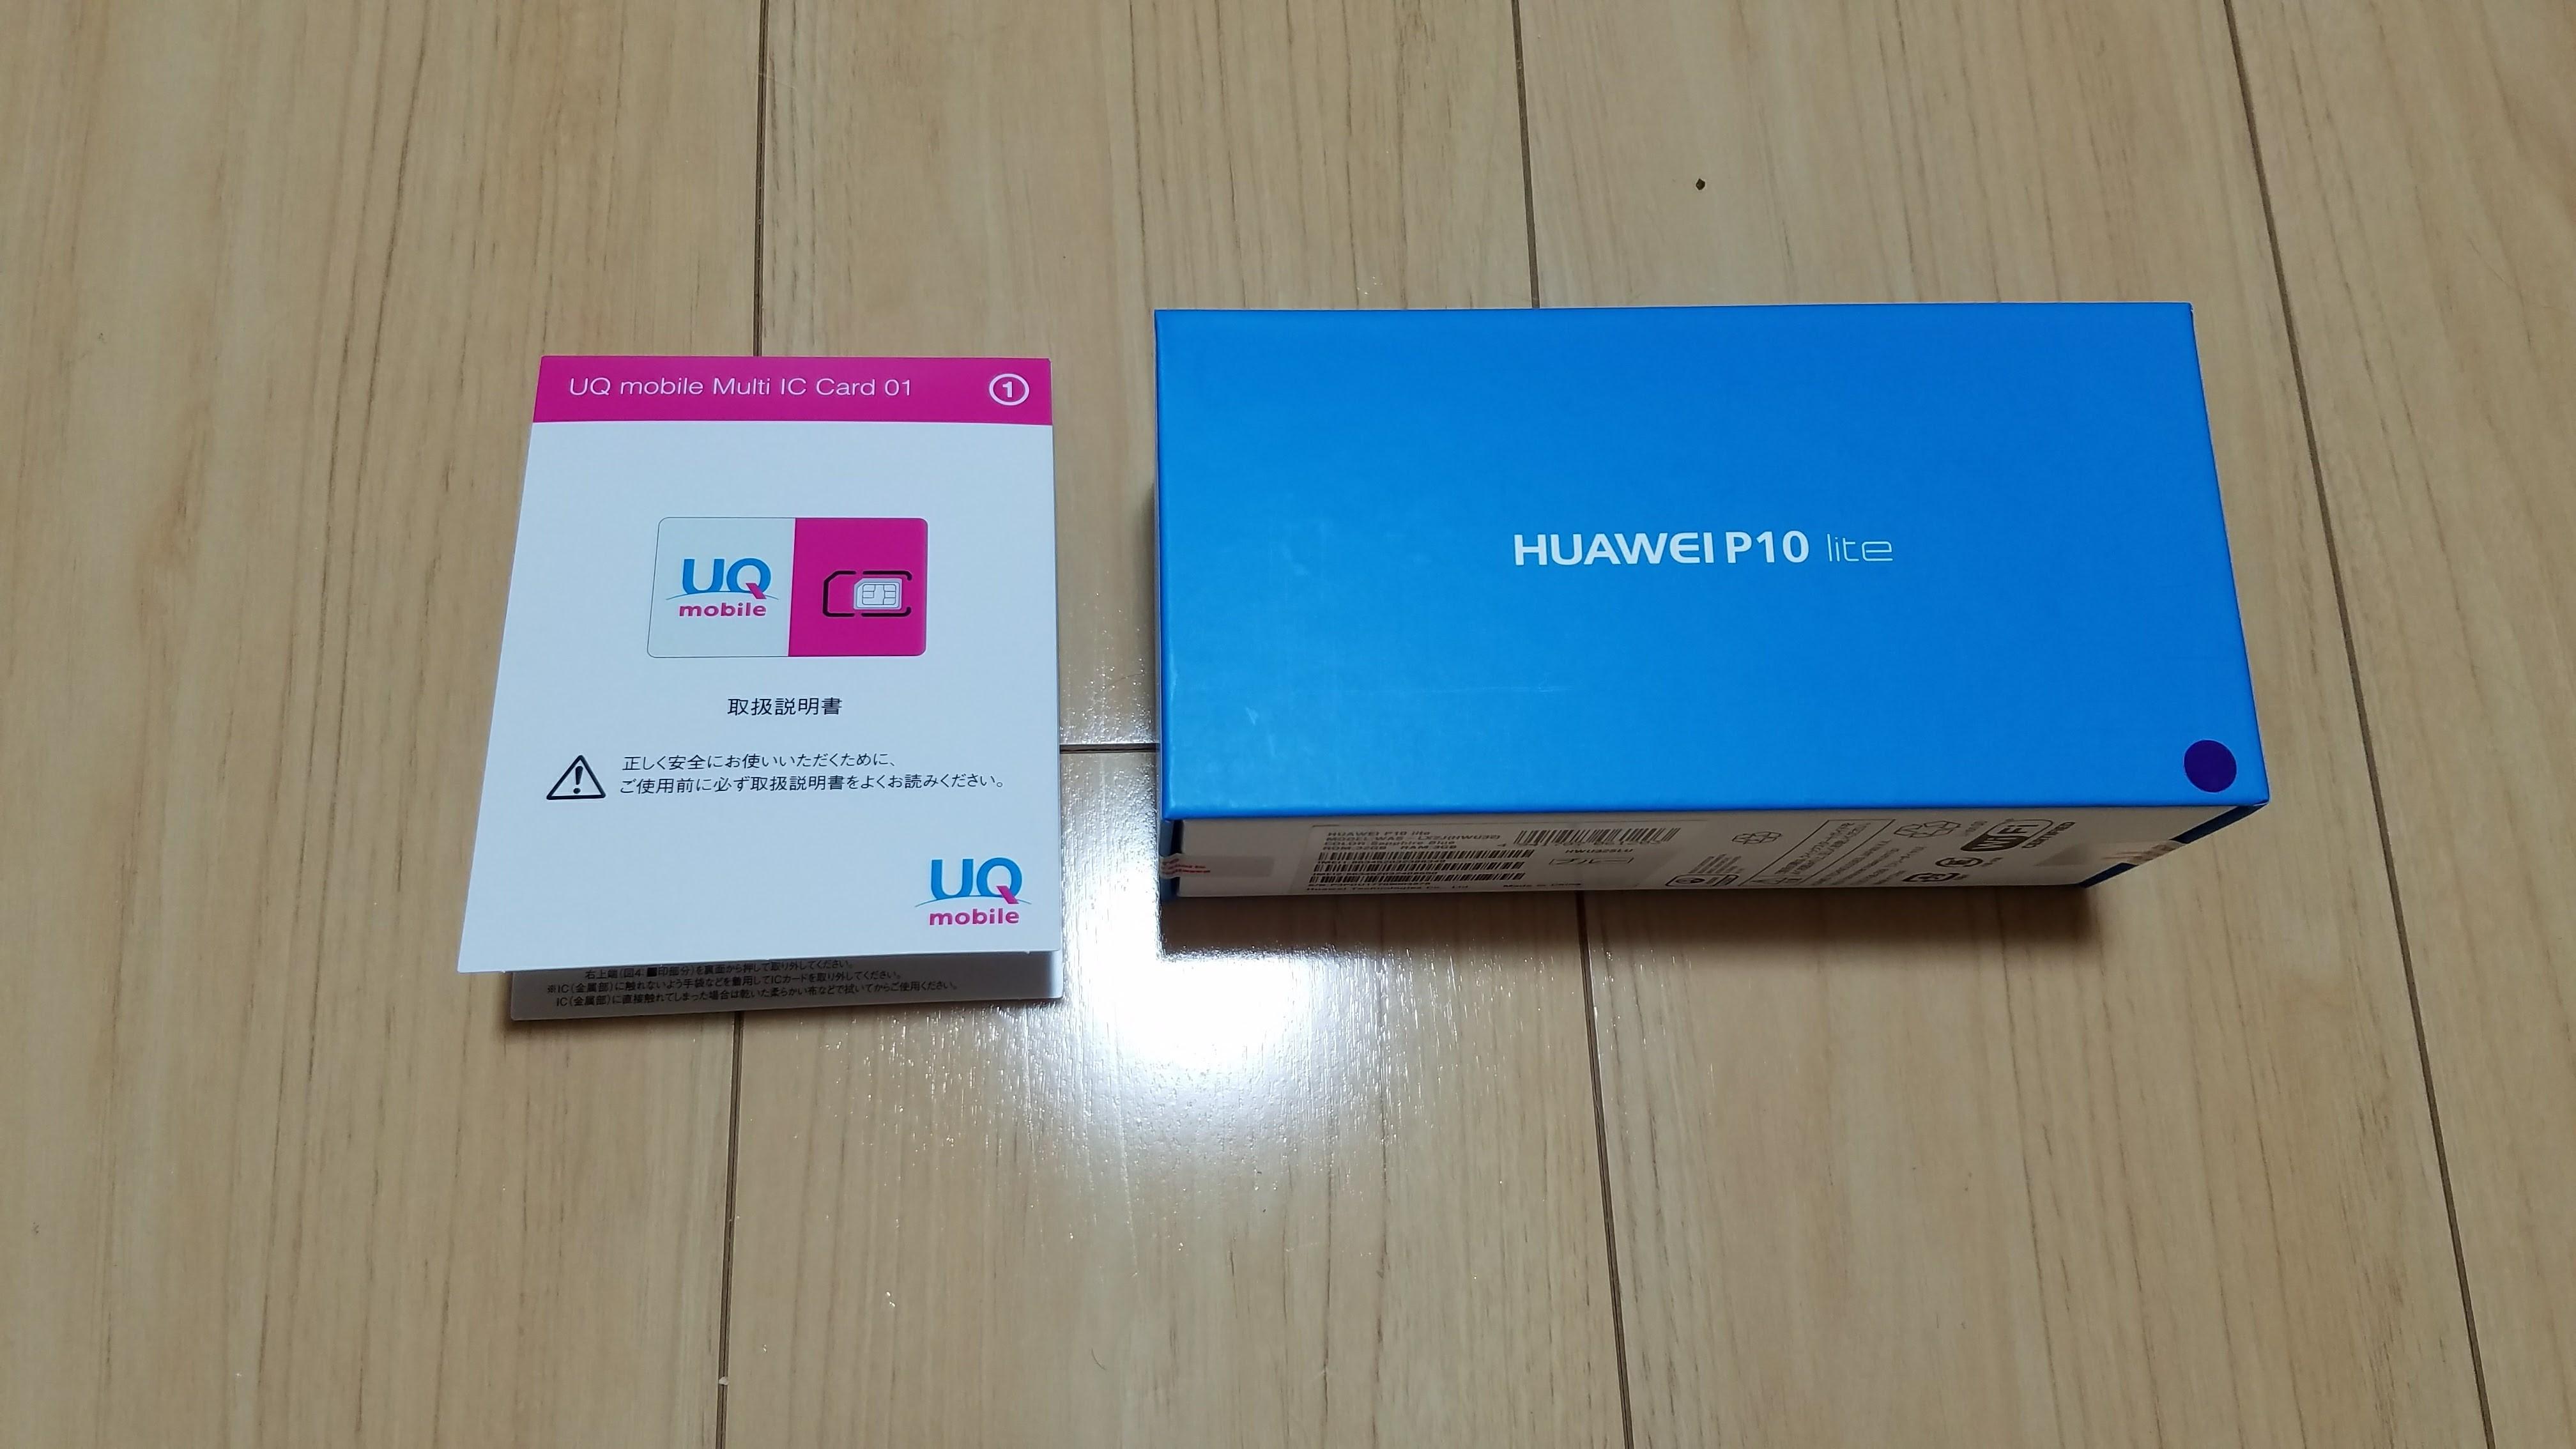 「HUAWEI P10 lite」と格安SIMUQモバイル